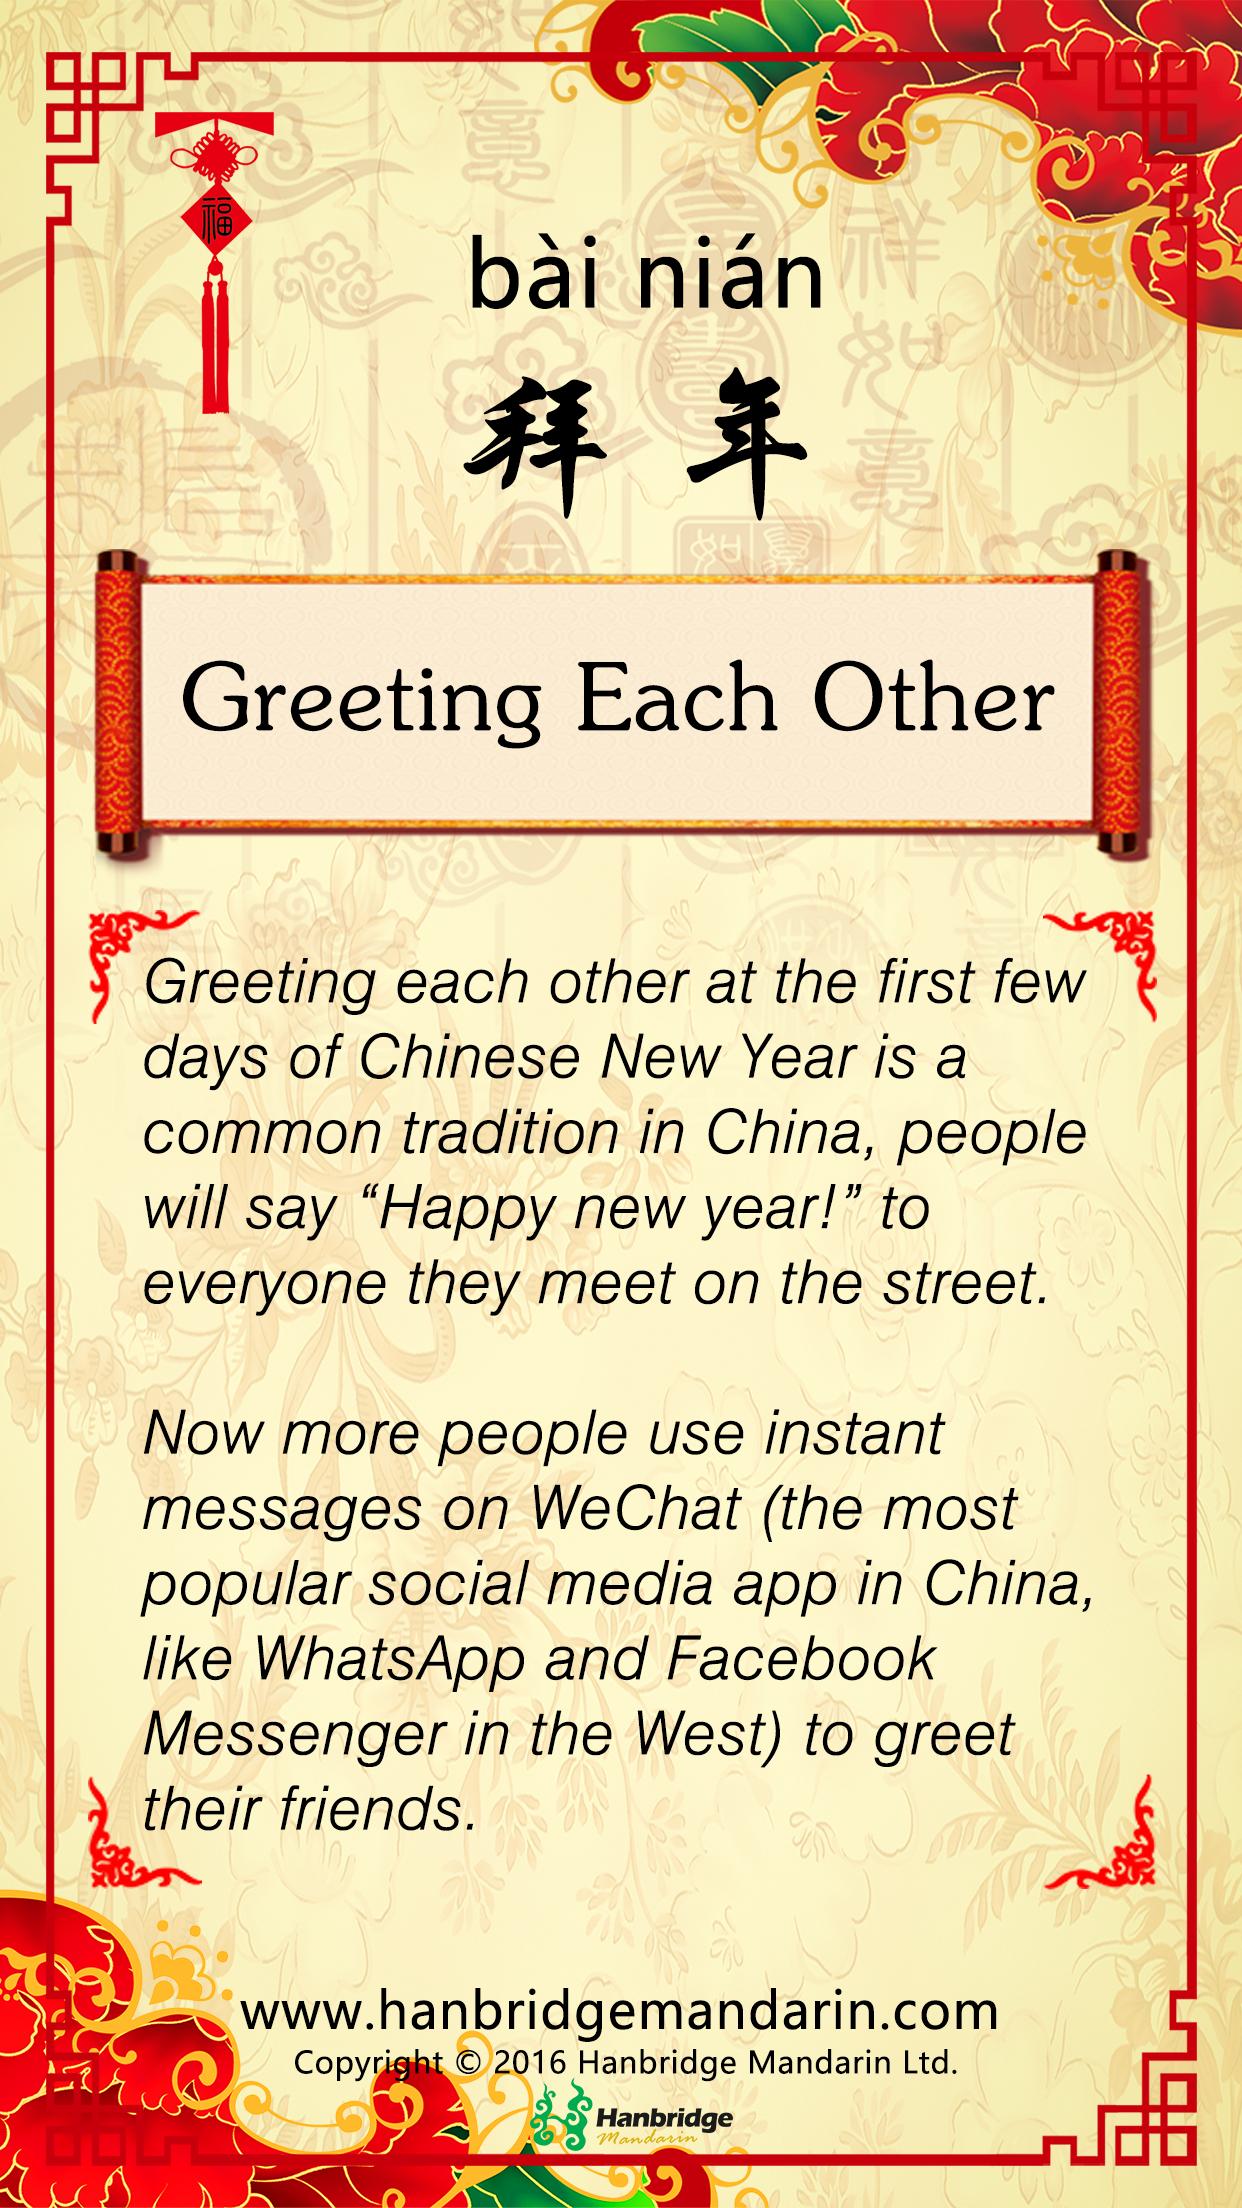 Chinese Spring Festival Custom Greeting Eacg Other Mandarin